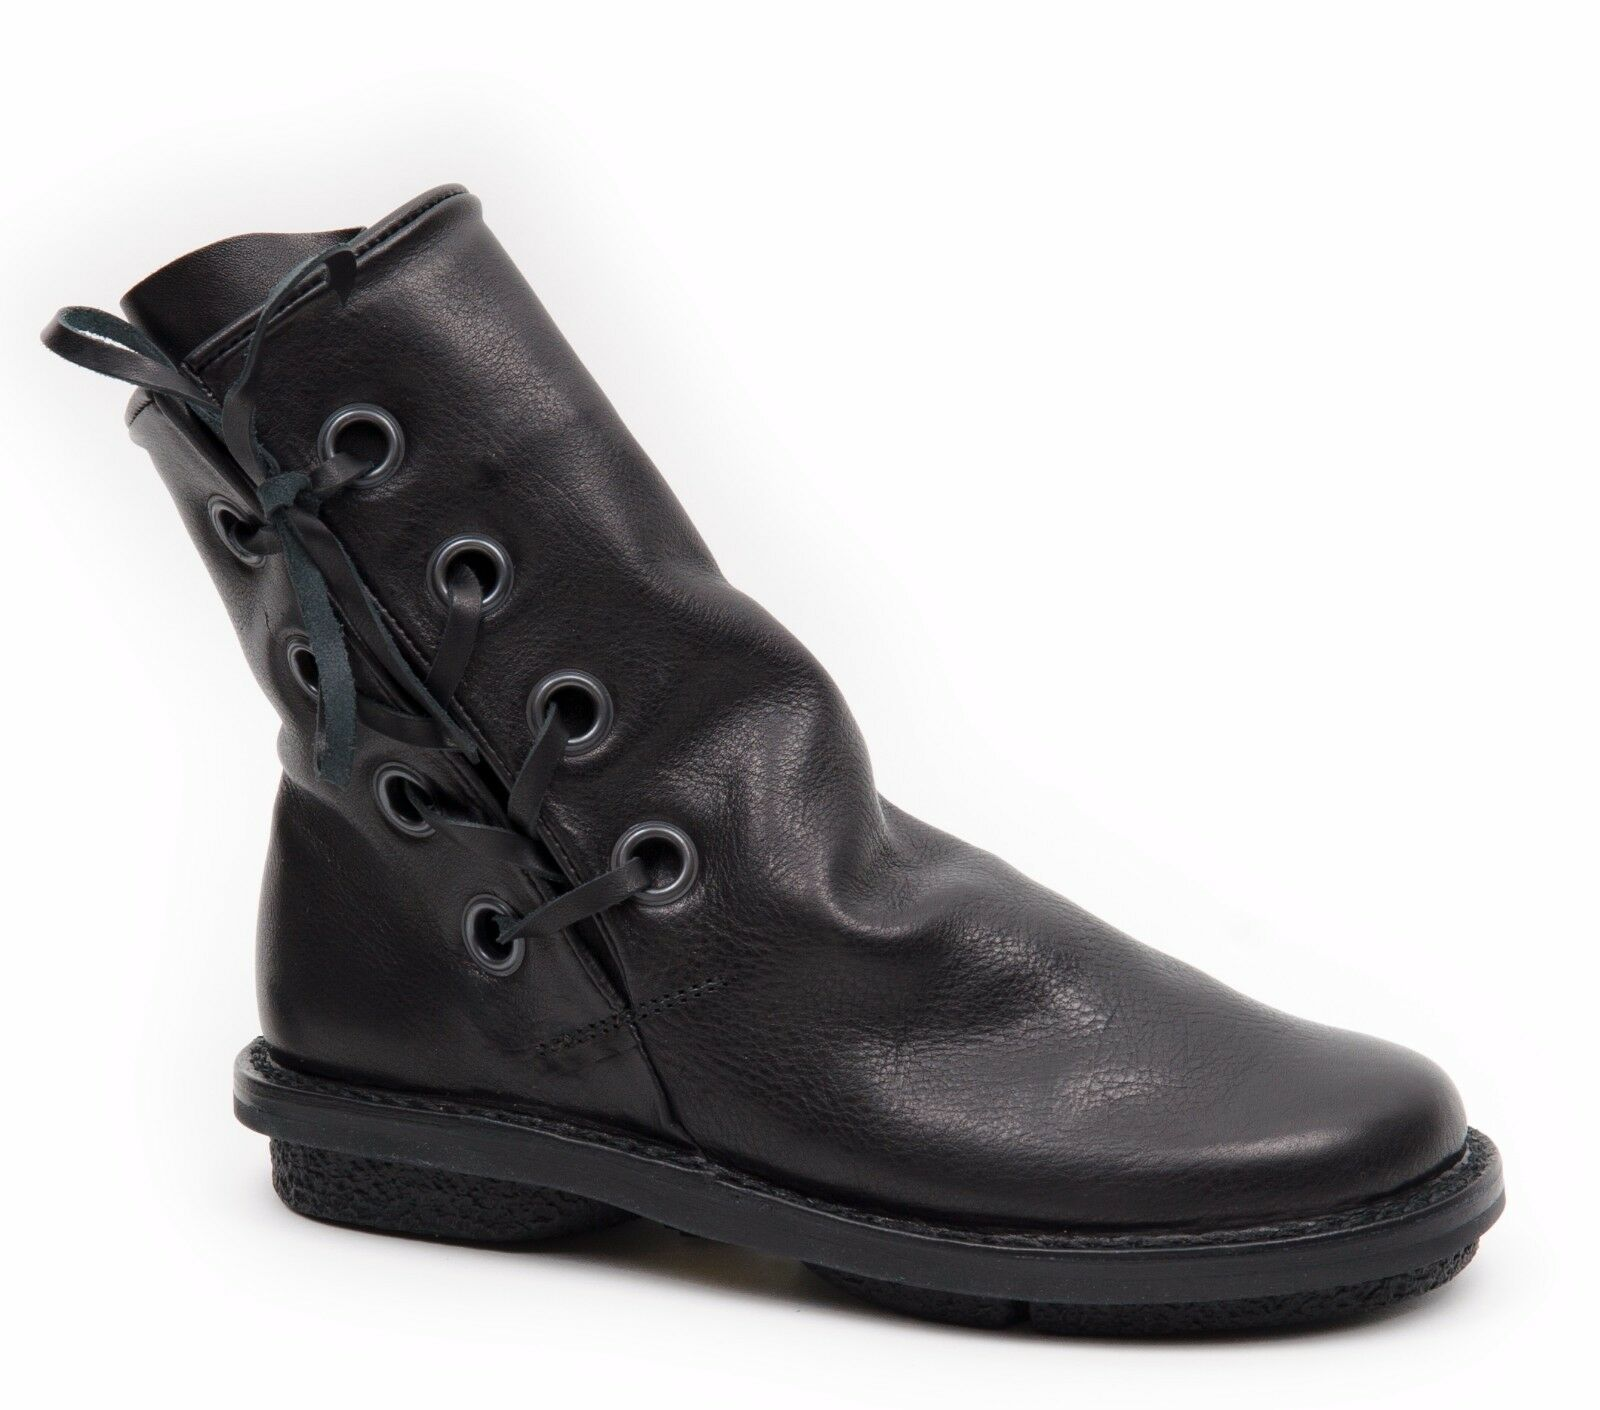 TRIPPEN Stiefeletten Stiefel Boots Stiefelette Tramp black - schwarz NEU SALE